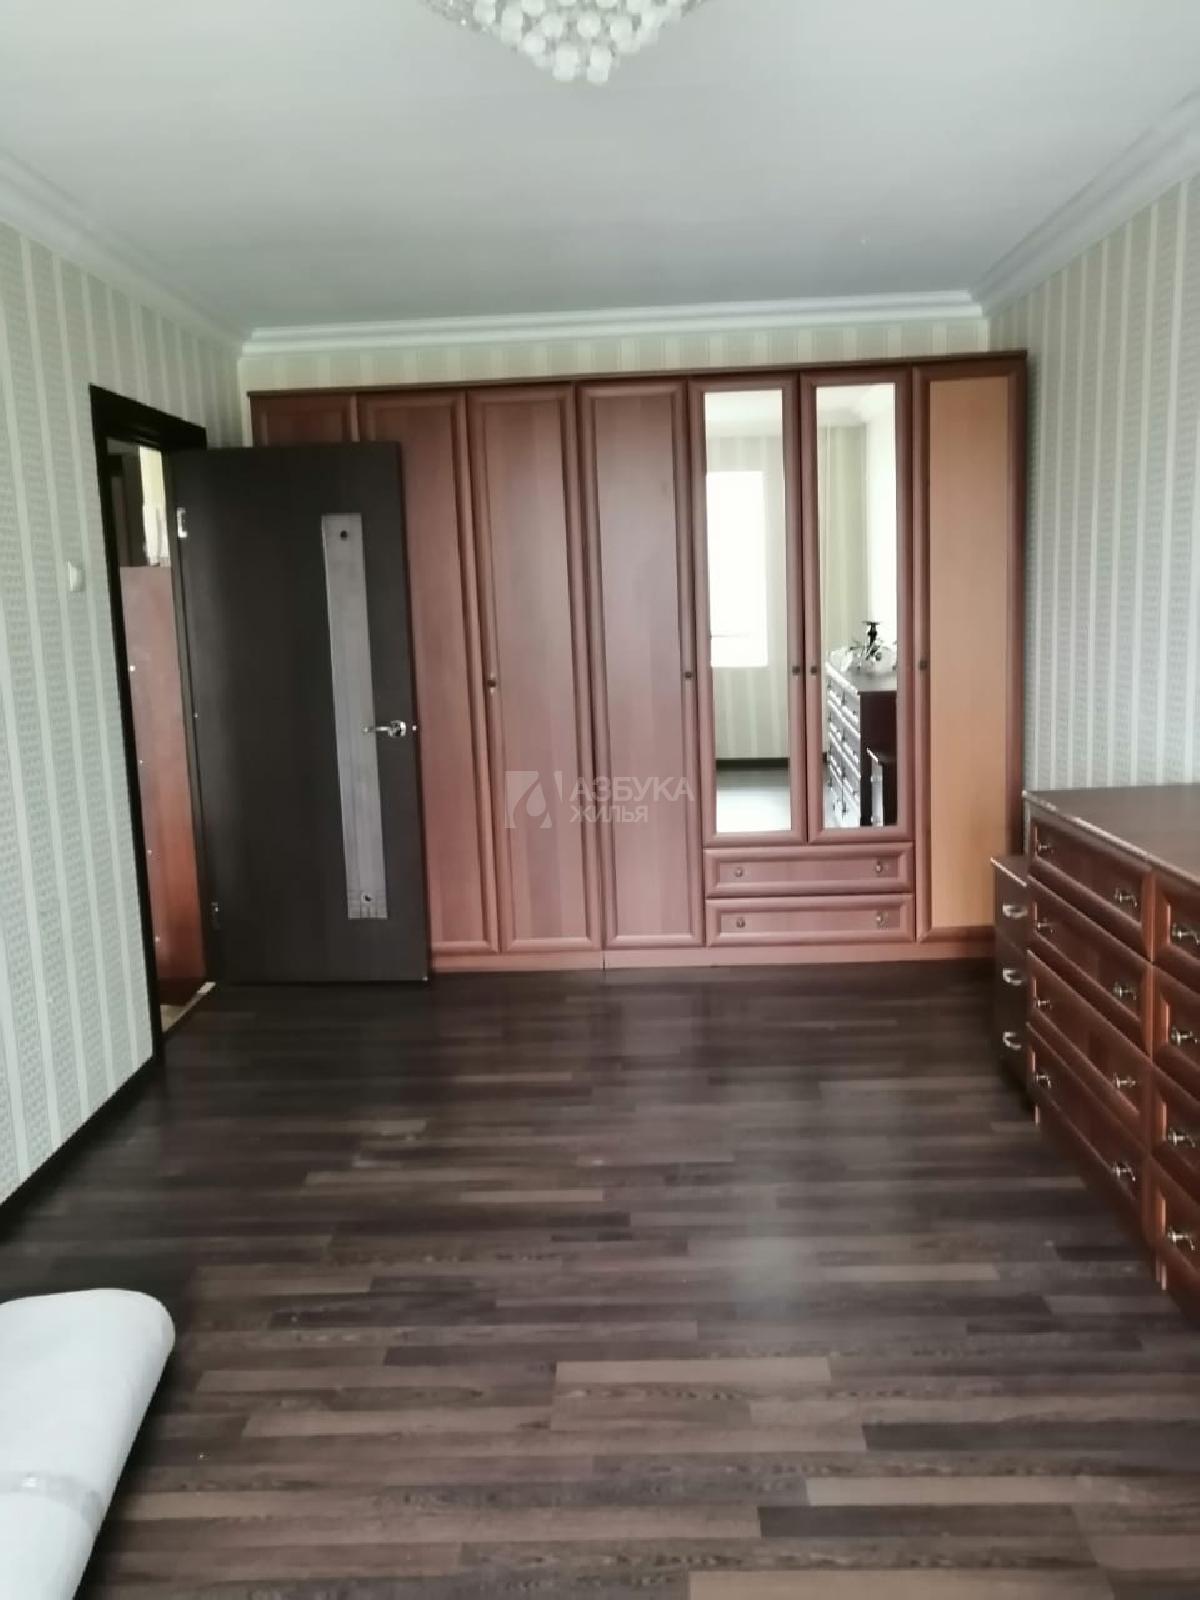 Фото №13 - 1-комнатная квартира, Балашиха, микрорайон Саввино, 1 Мая улица 11